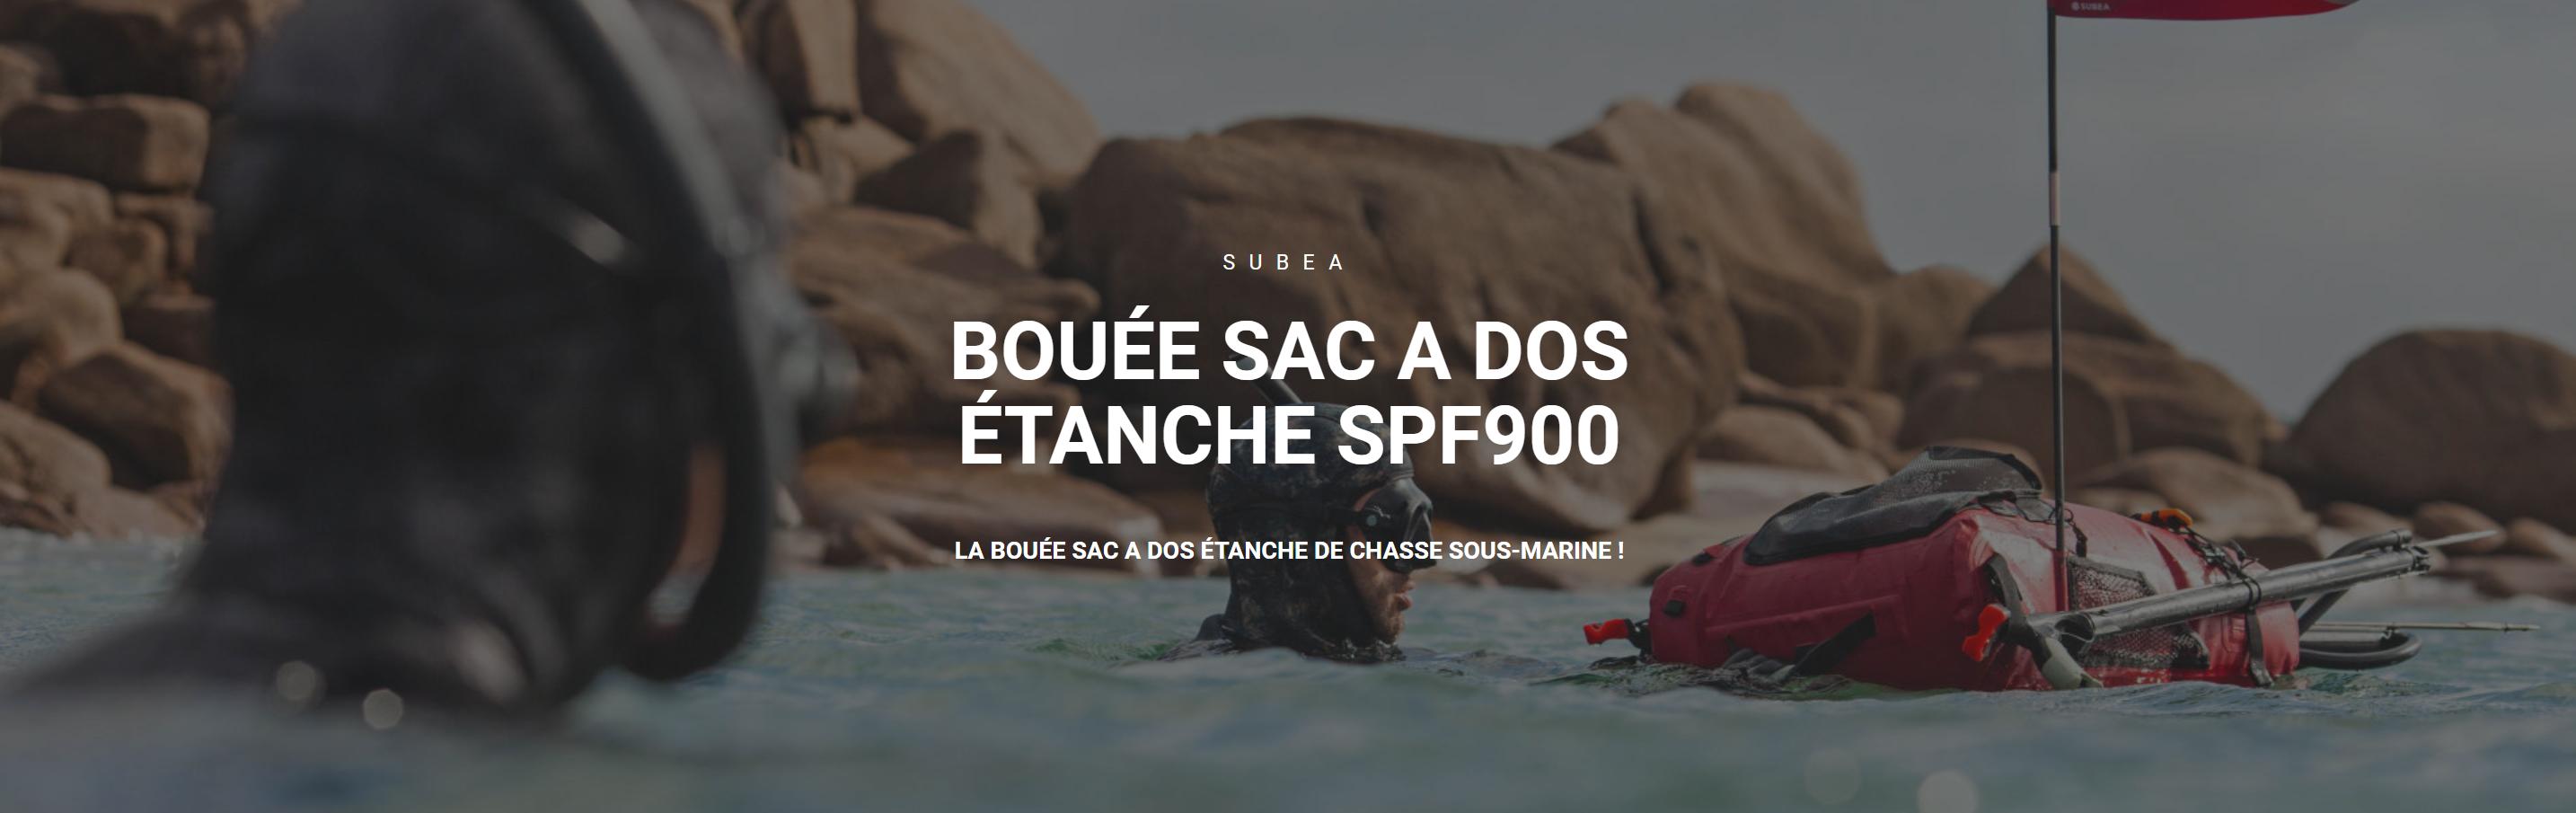 Révolution: La 1ere bouée - sac de transport pour la chasse sous marine et autres activités nautiques